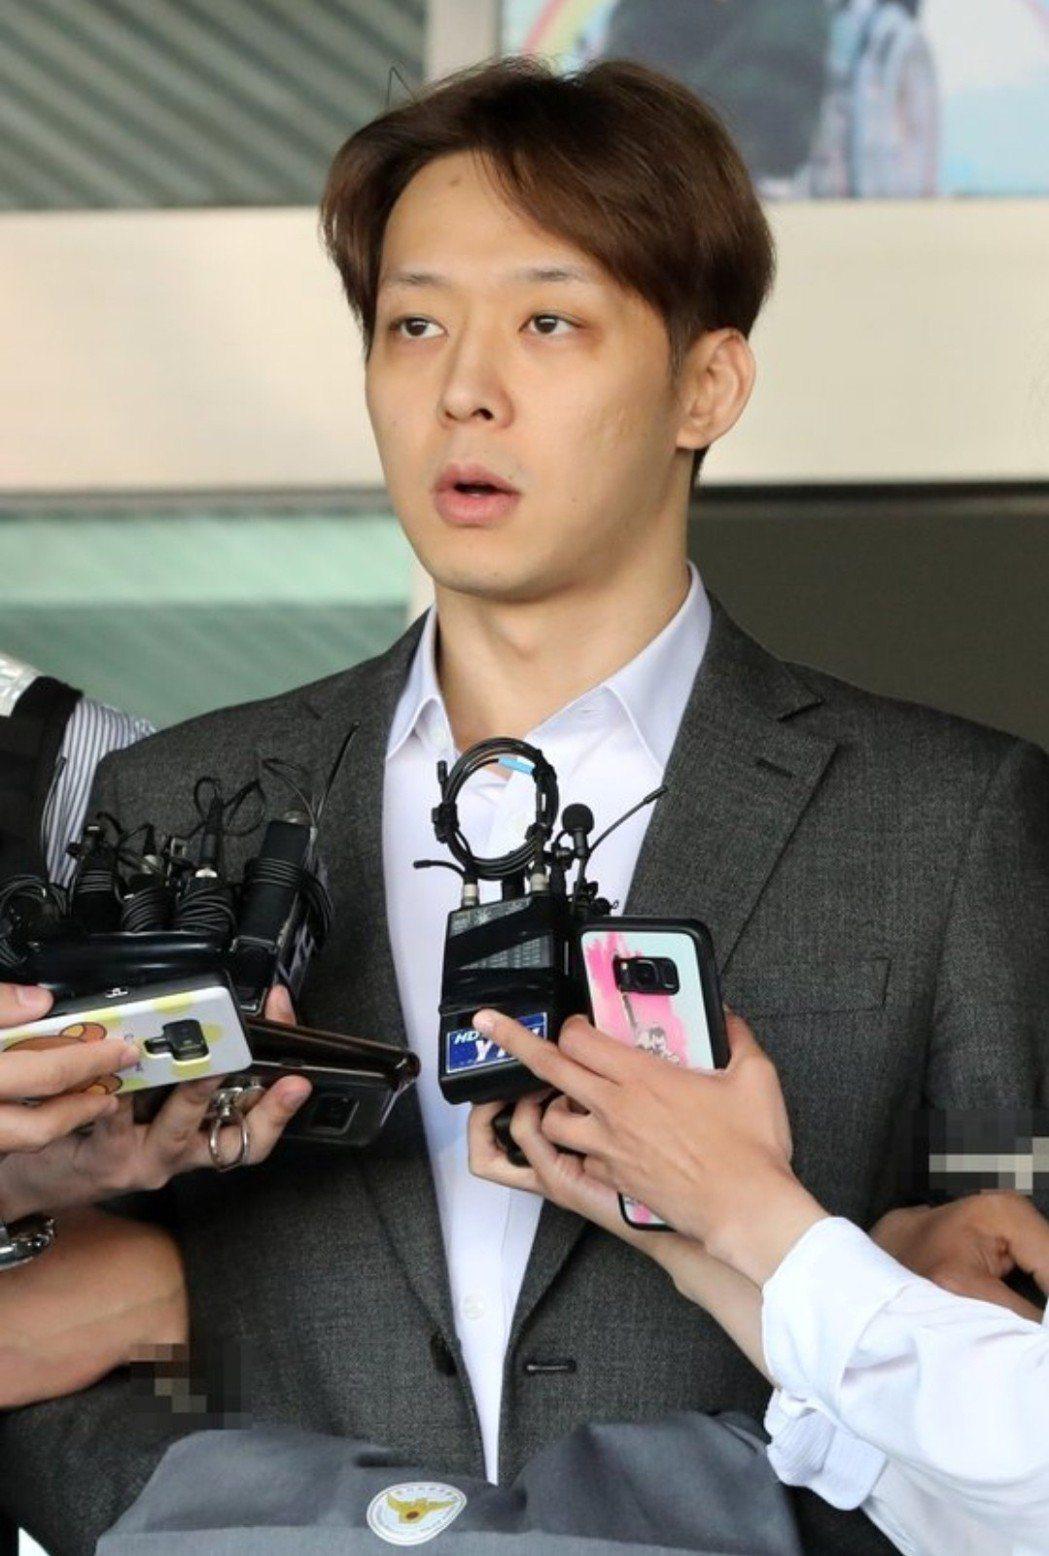 朴有天上月初為自己的行為向大眾道歉。圖/摘自news1